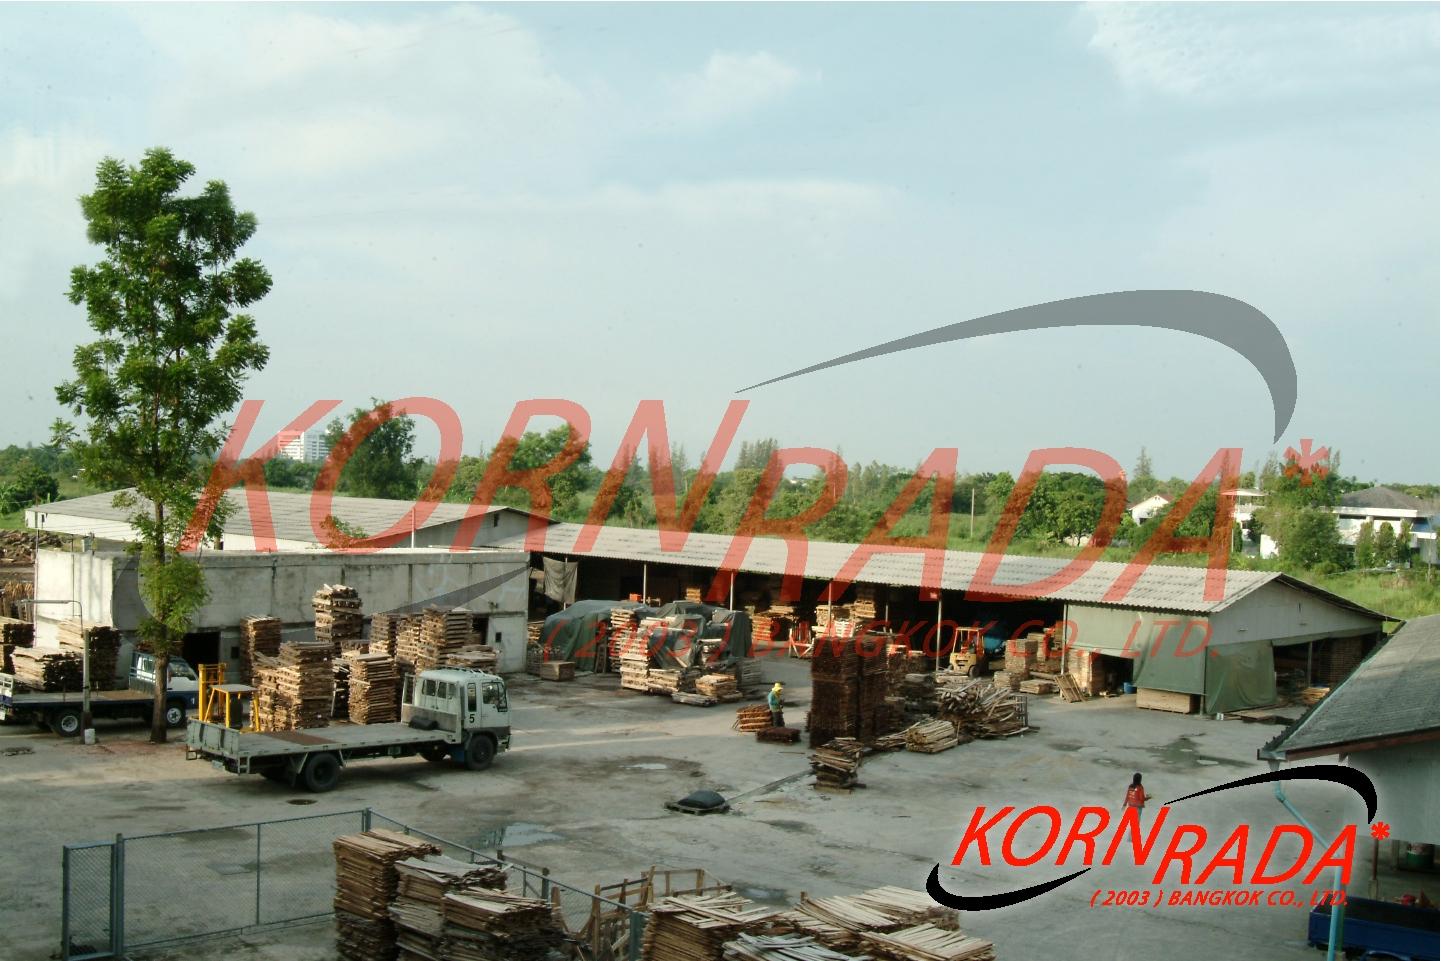 kornrada_factory_1809